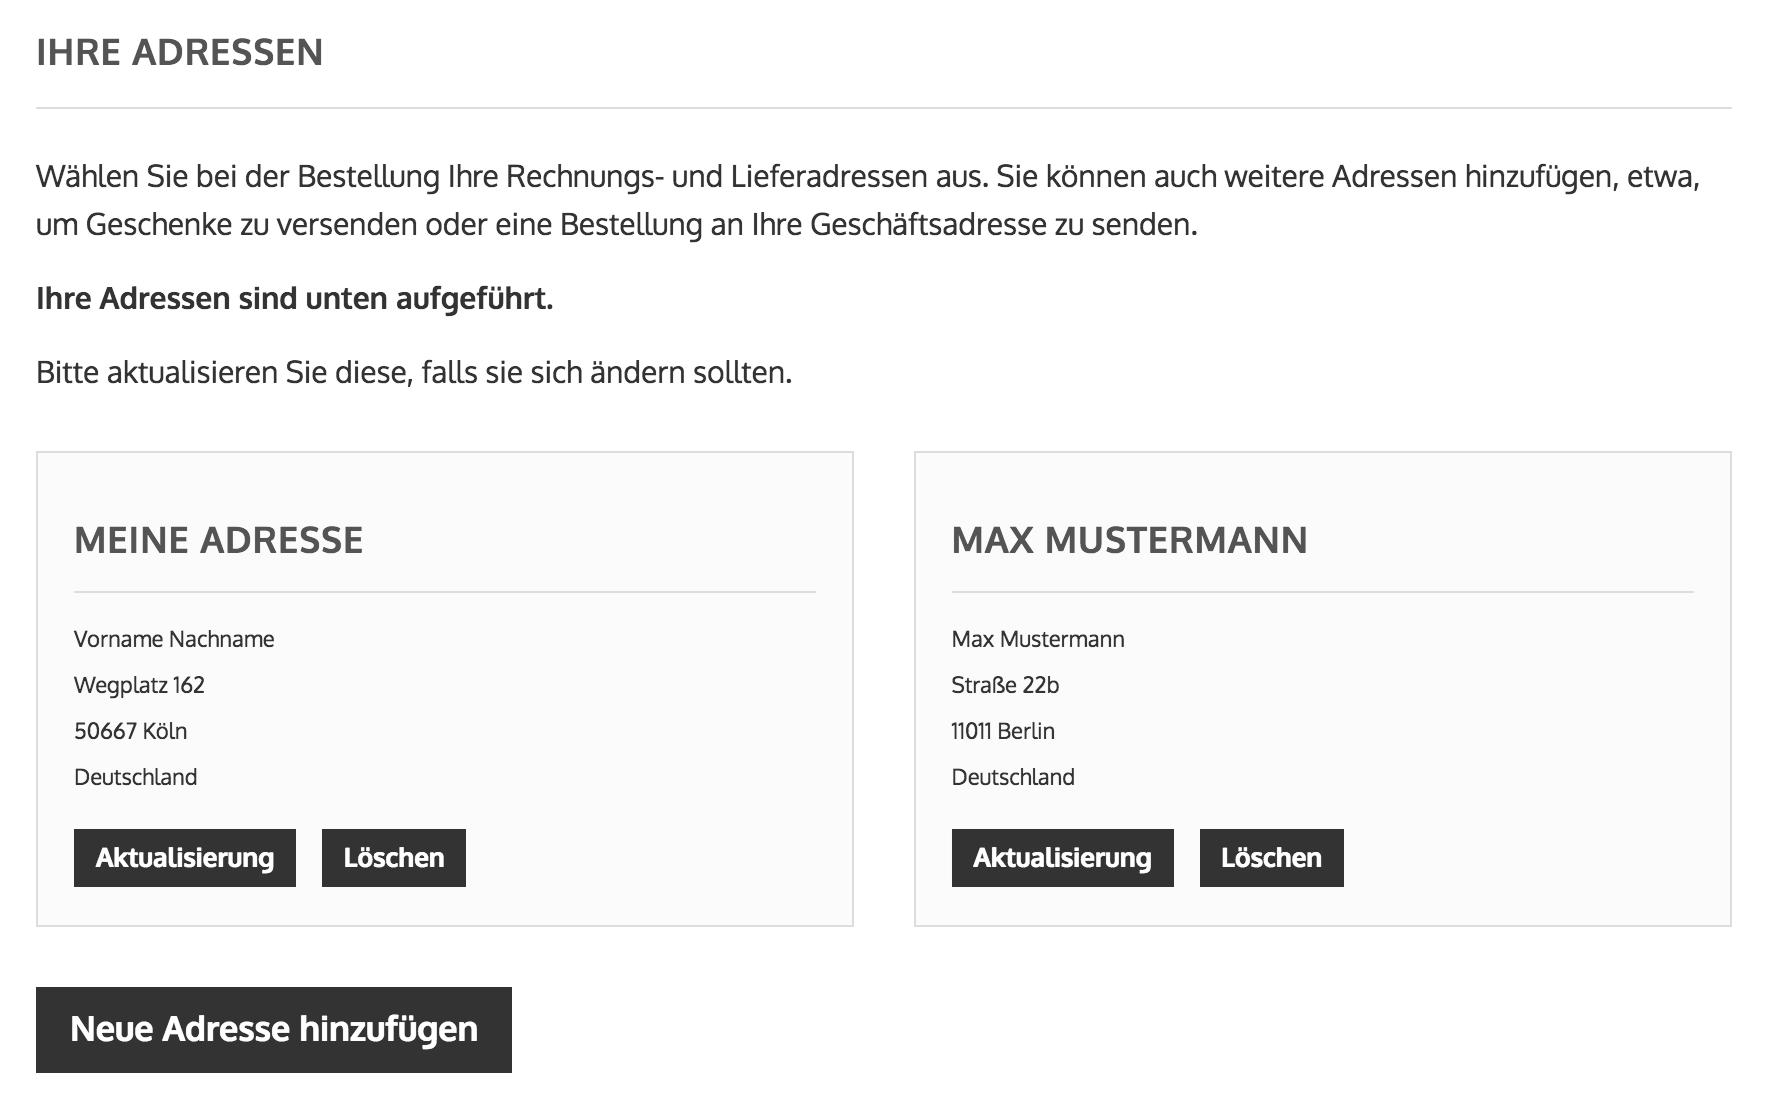 Onlyprint - Übersicht der Adressen Verwaltung